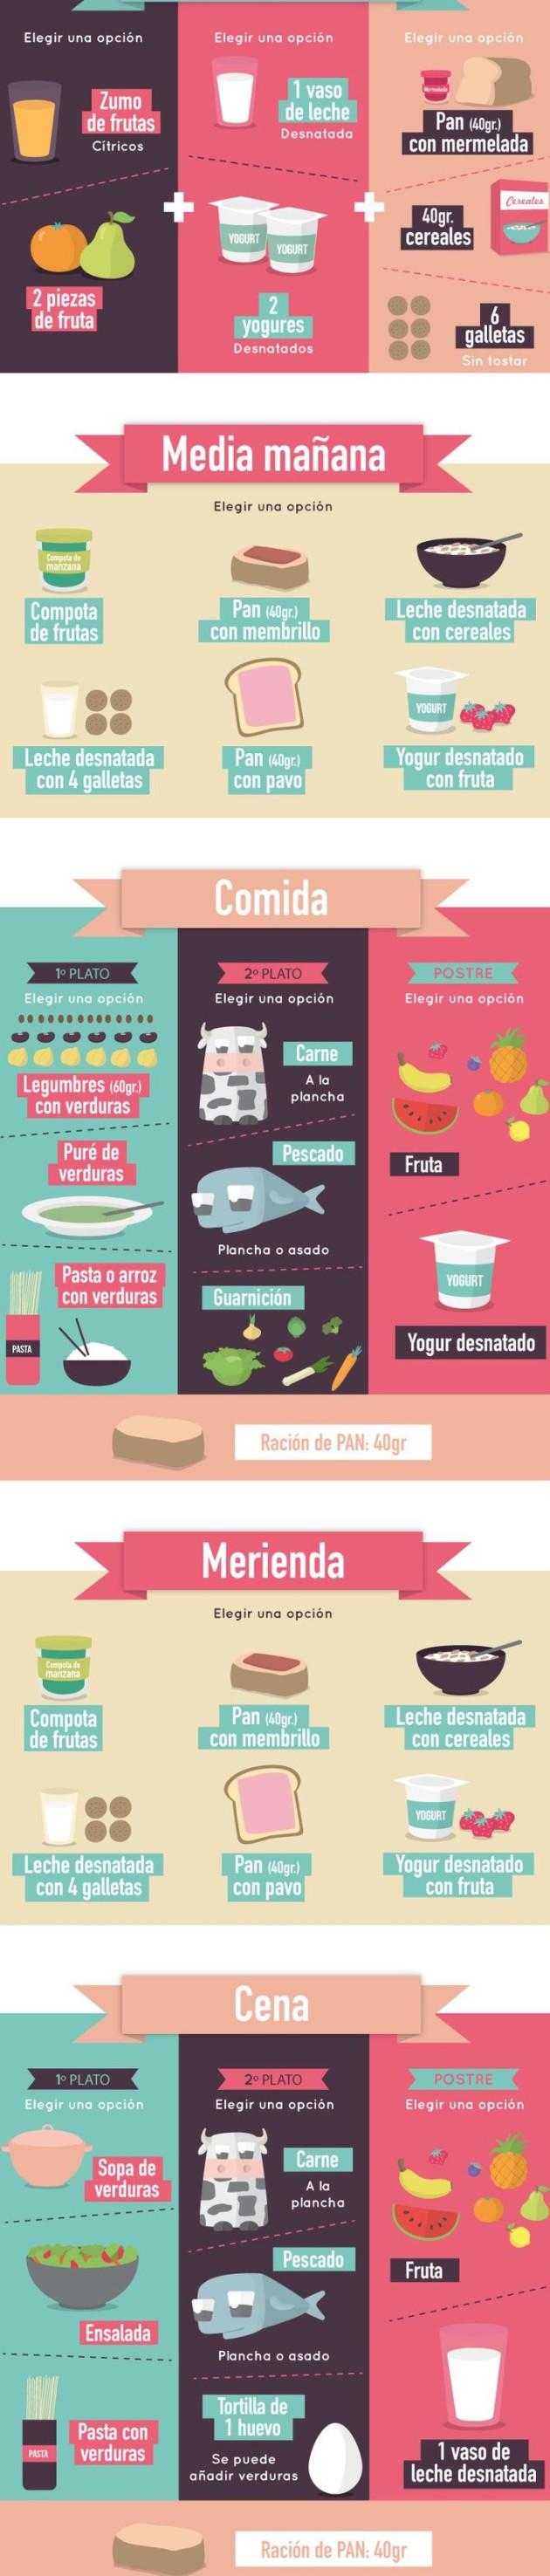 treintamasdiez blog de moda dieta1